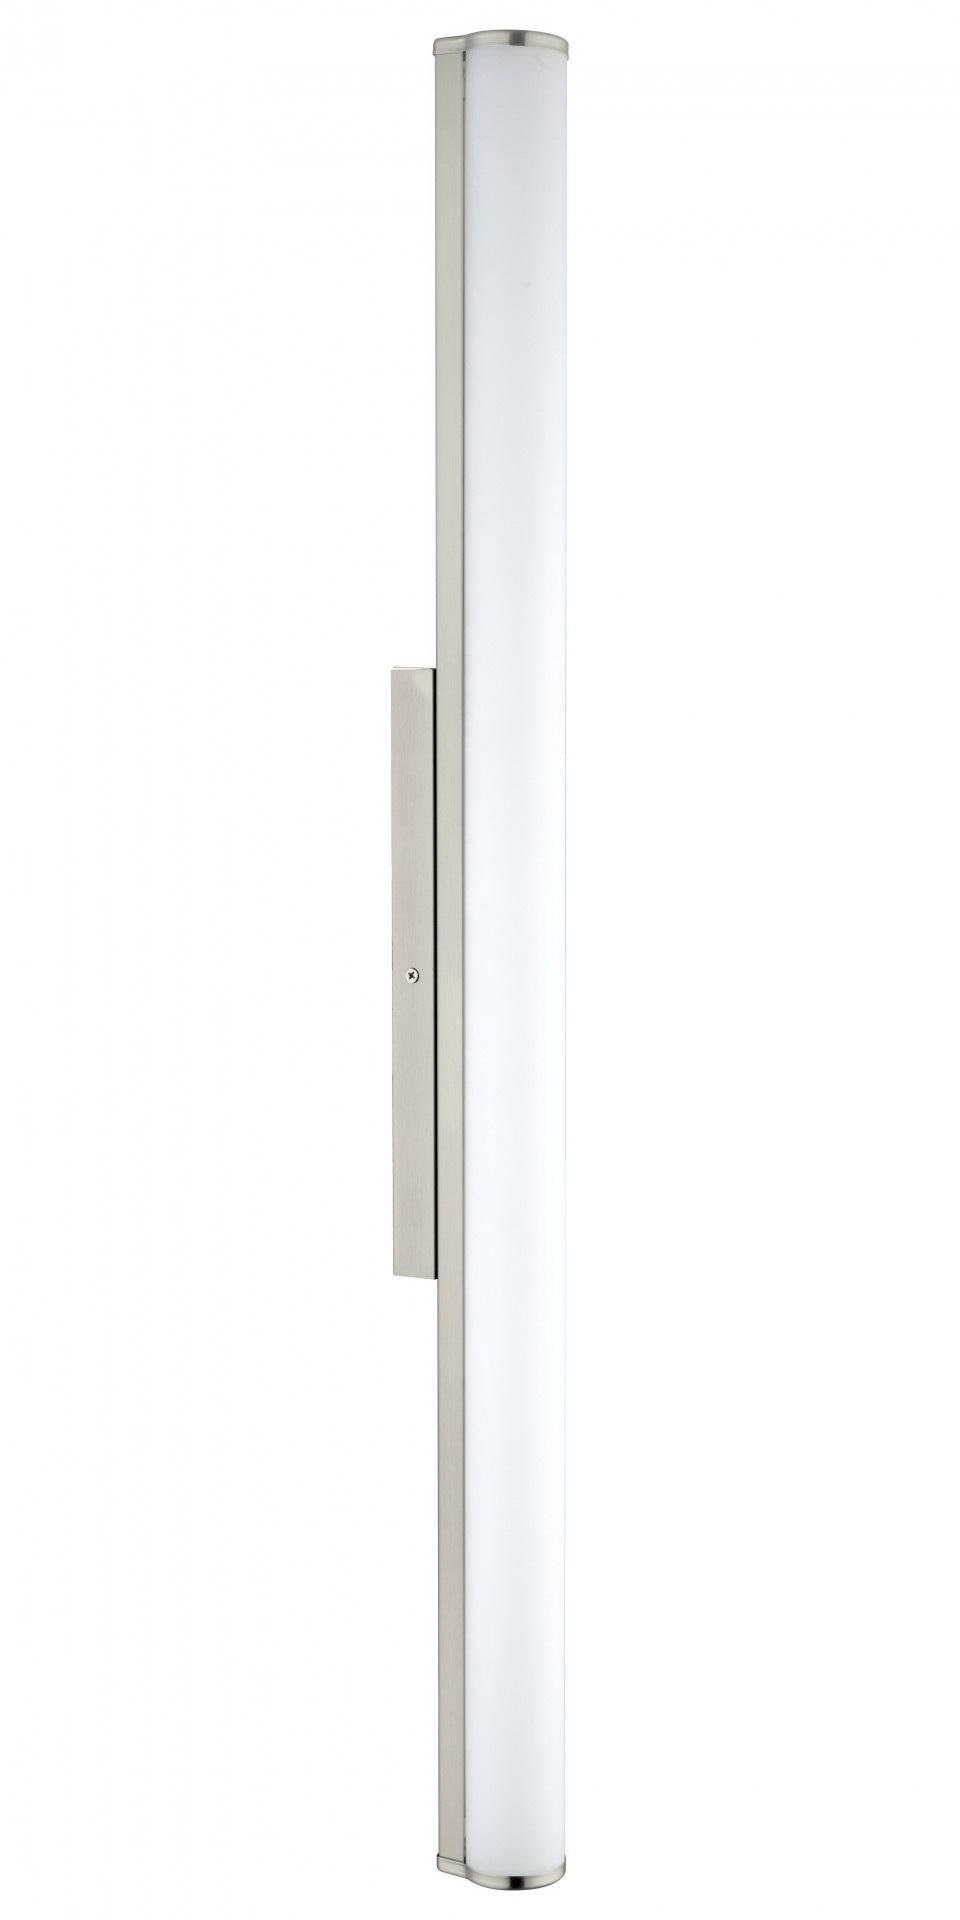 Светильник для ванной комнаты Eglo Calnova 94717 eglo calnova 94715 page 1